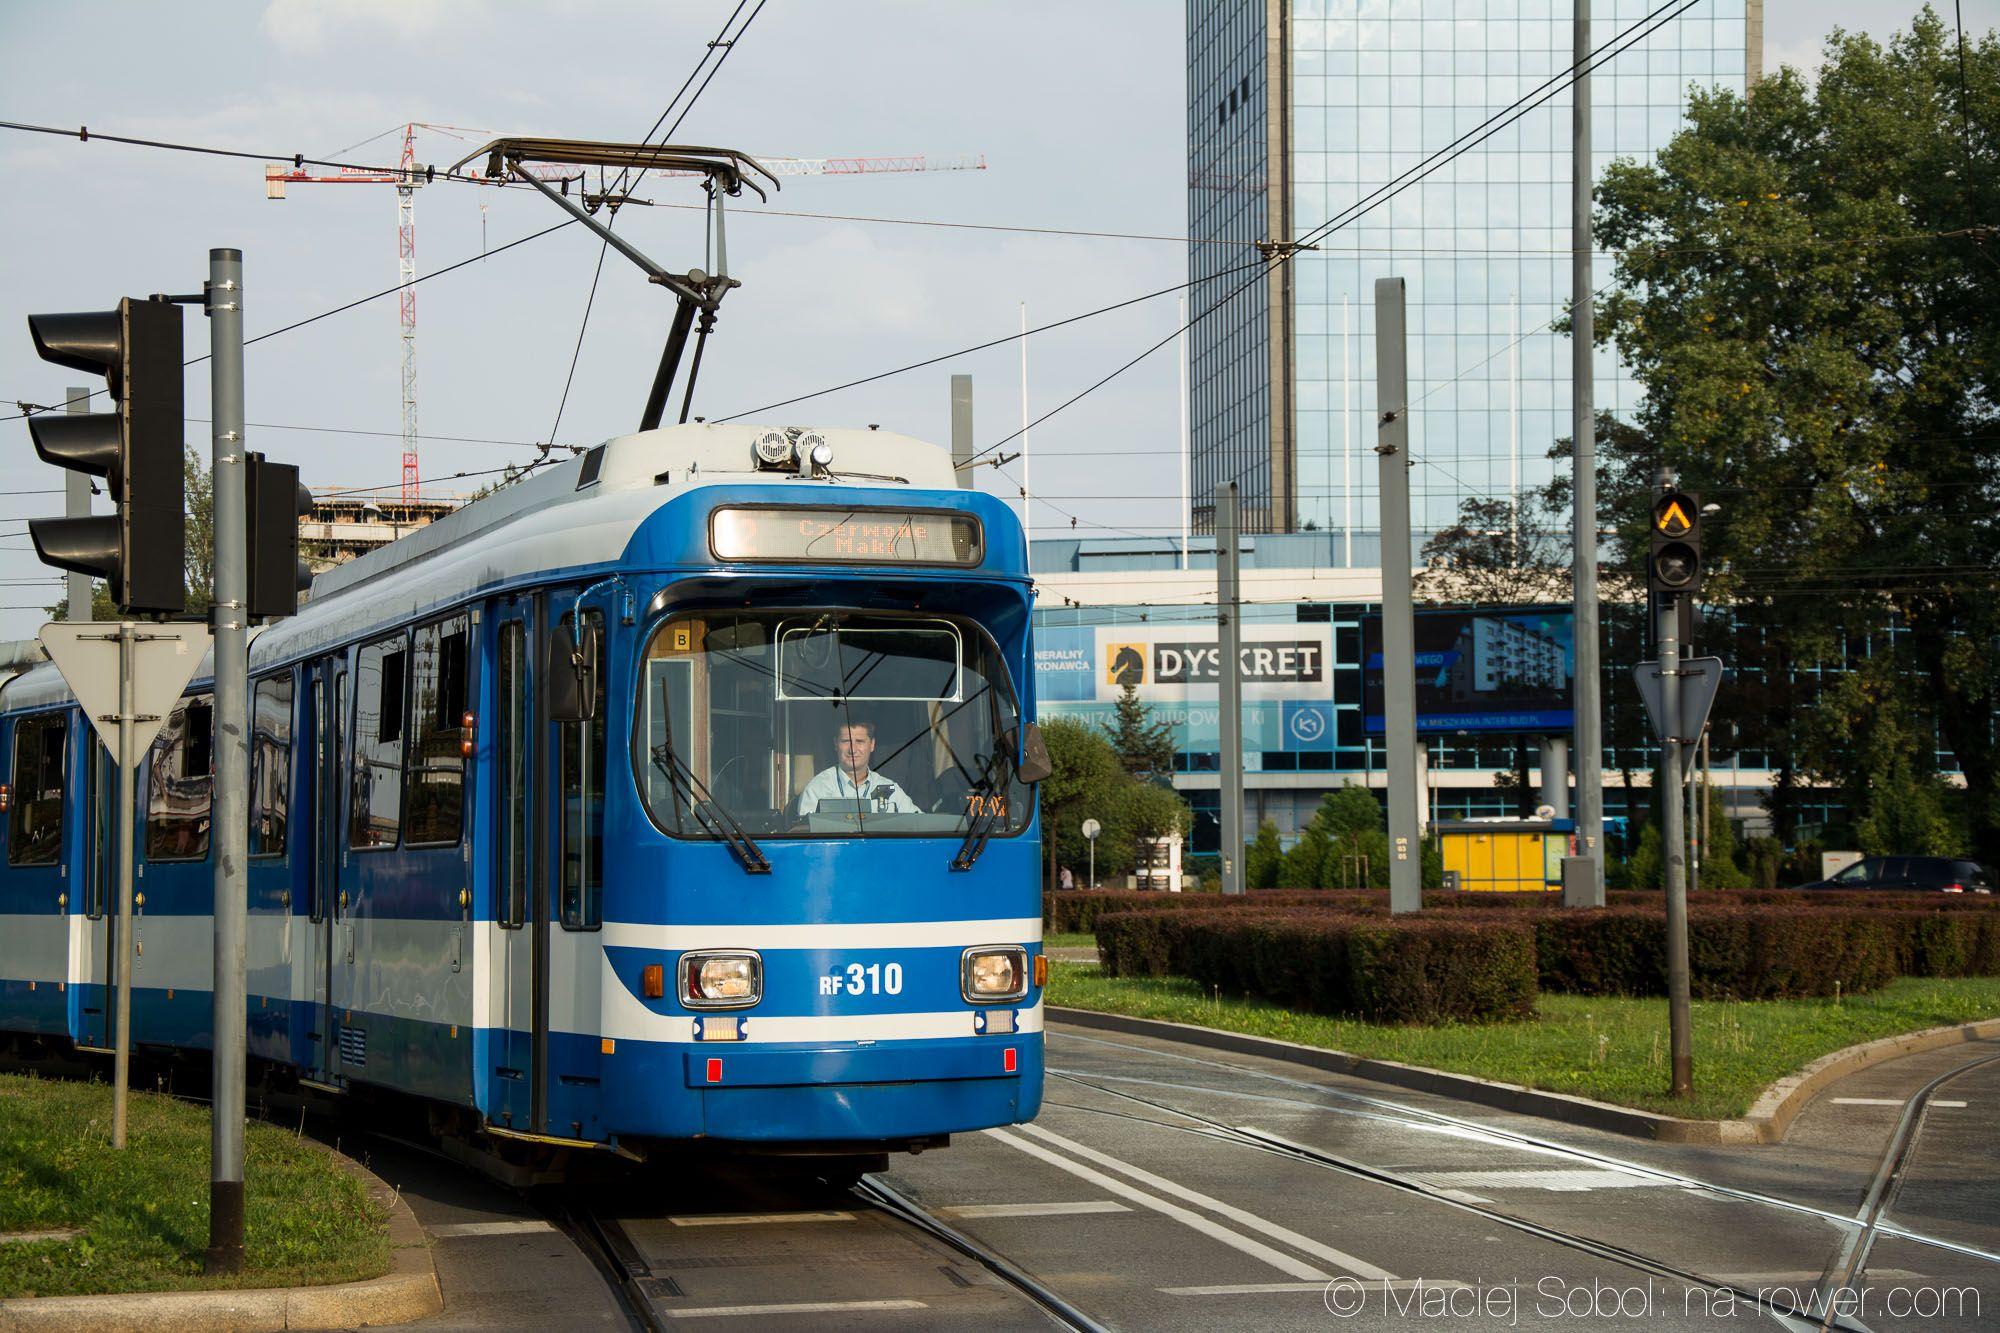 Tramwaj Düwag GT8S - Kraków (2015) transport zrównoważony